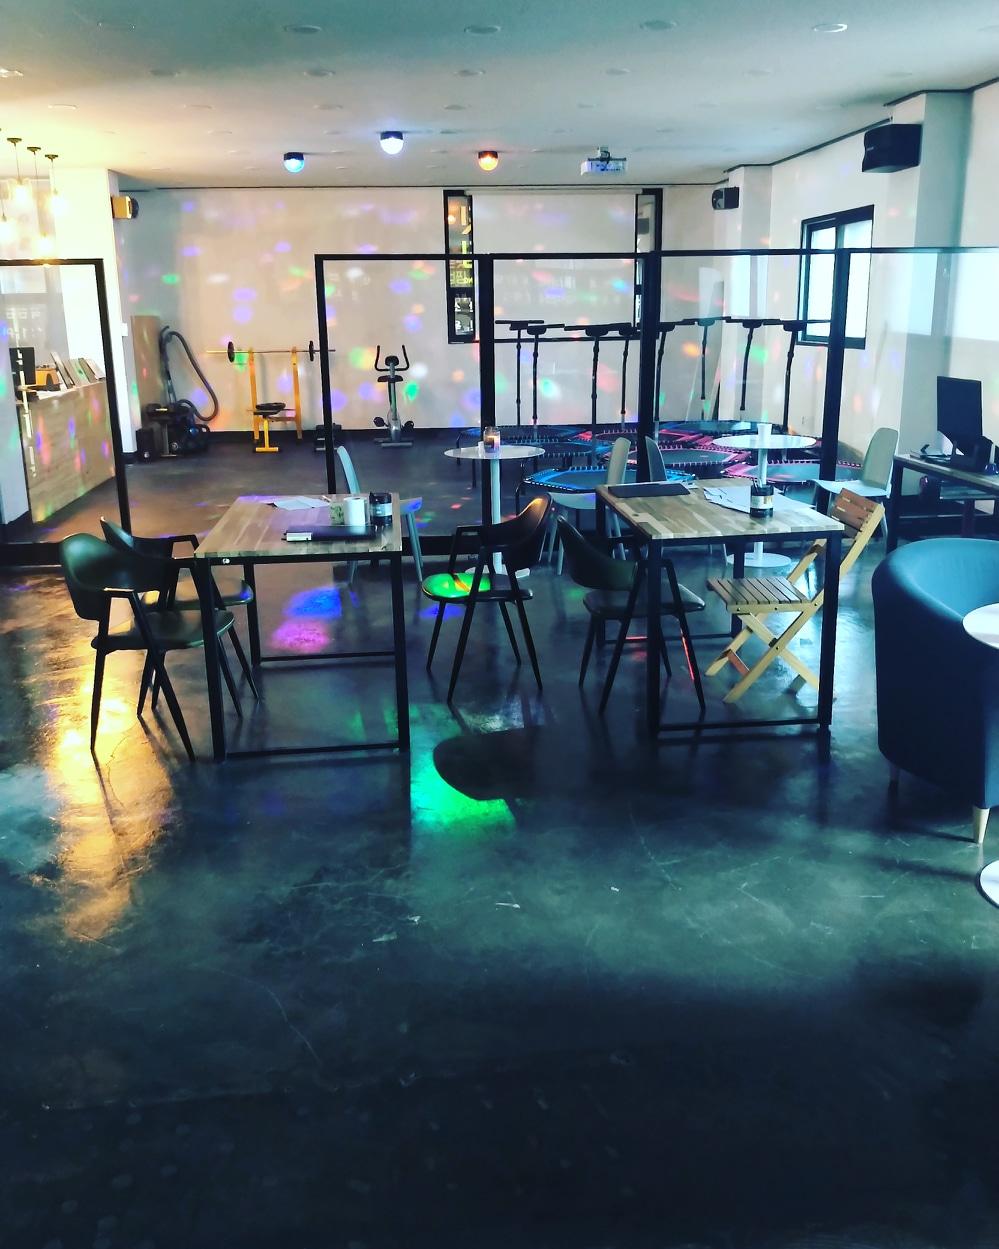 그룹PT+점핑운동 다이어트클럽 하트핏 동삭점